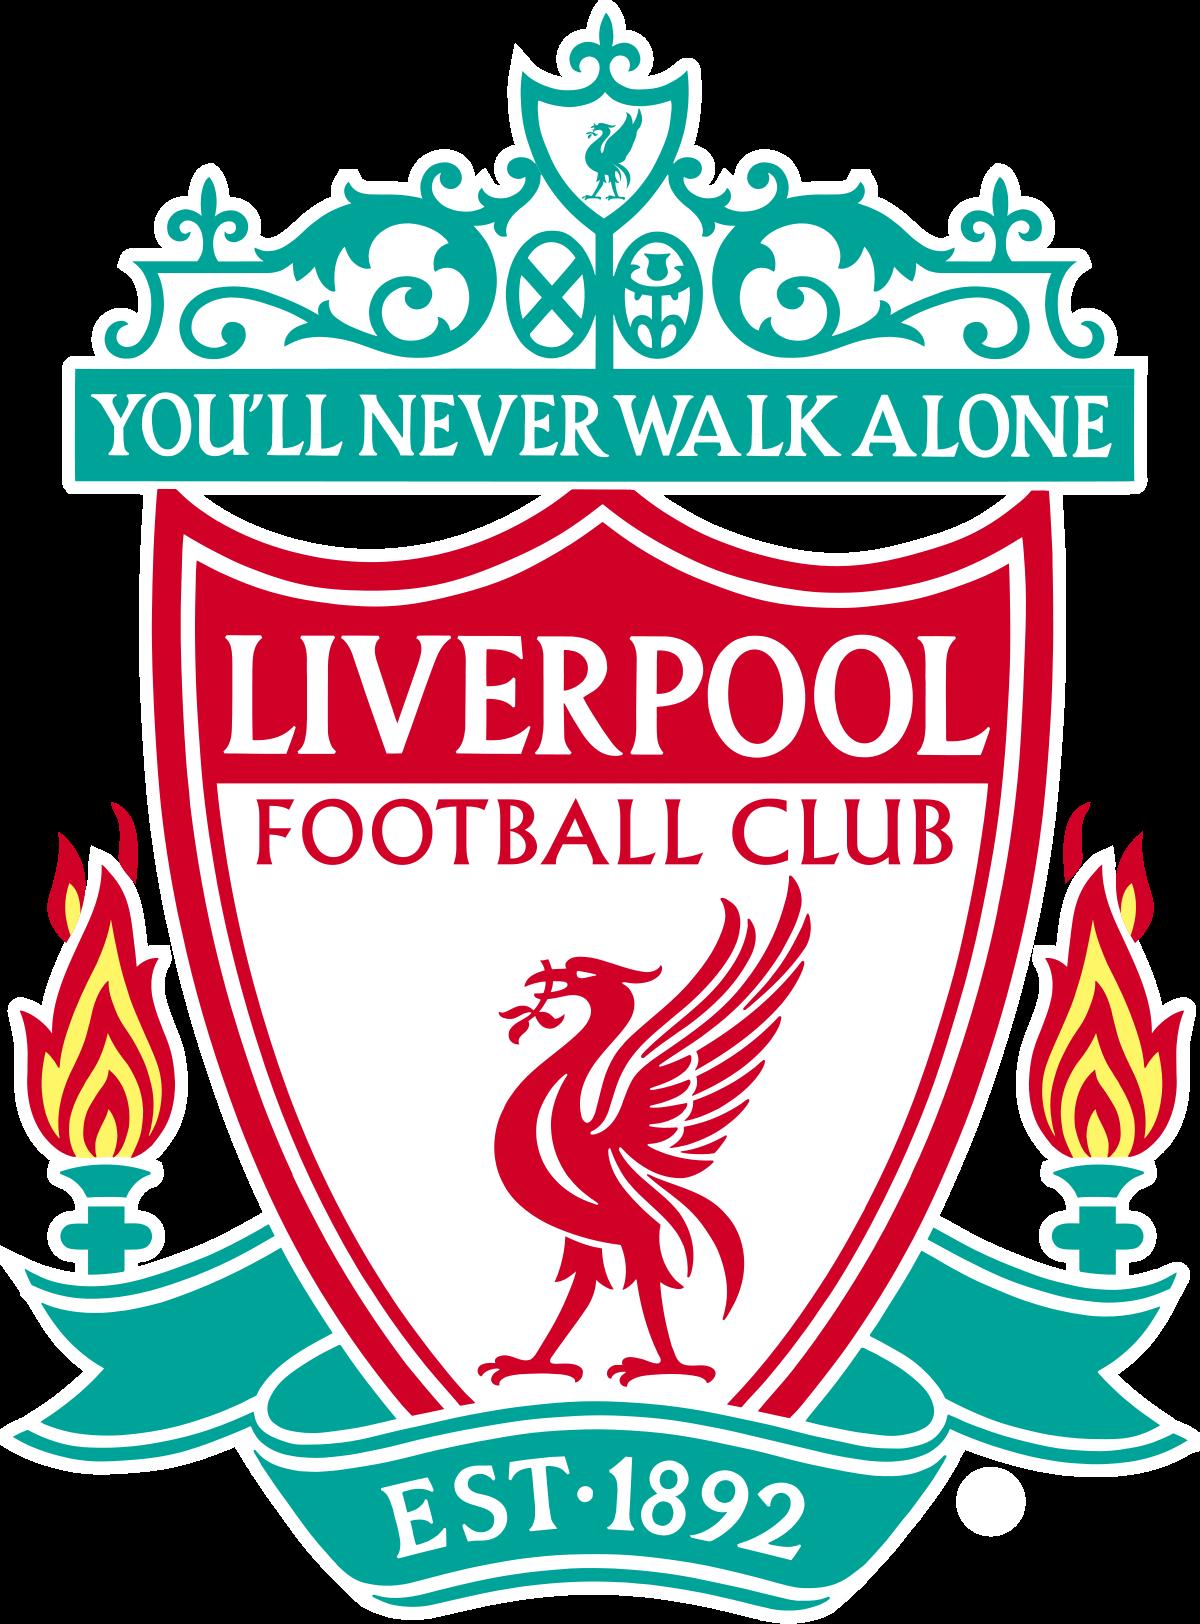 3 июня 1892 года основан футбольный клуб «Ливерпуль»